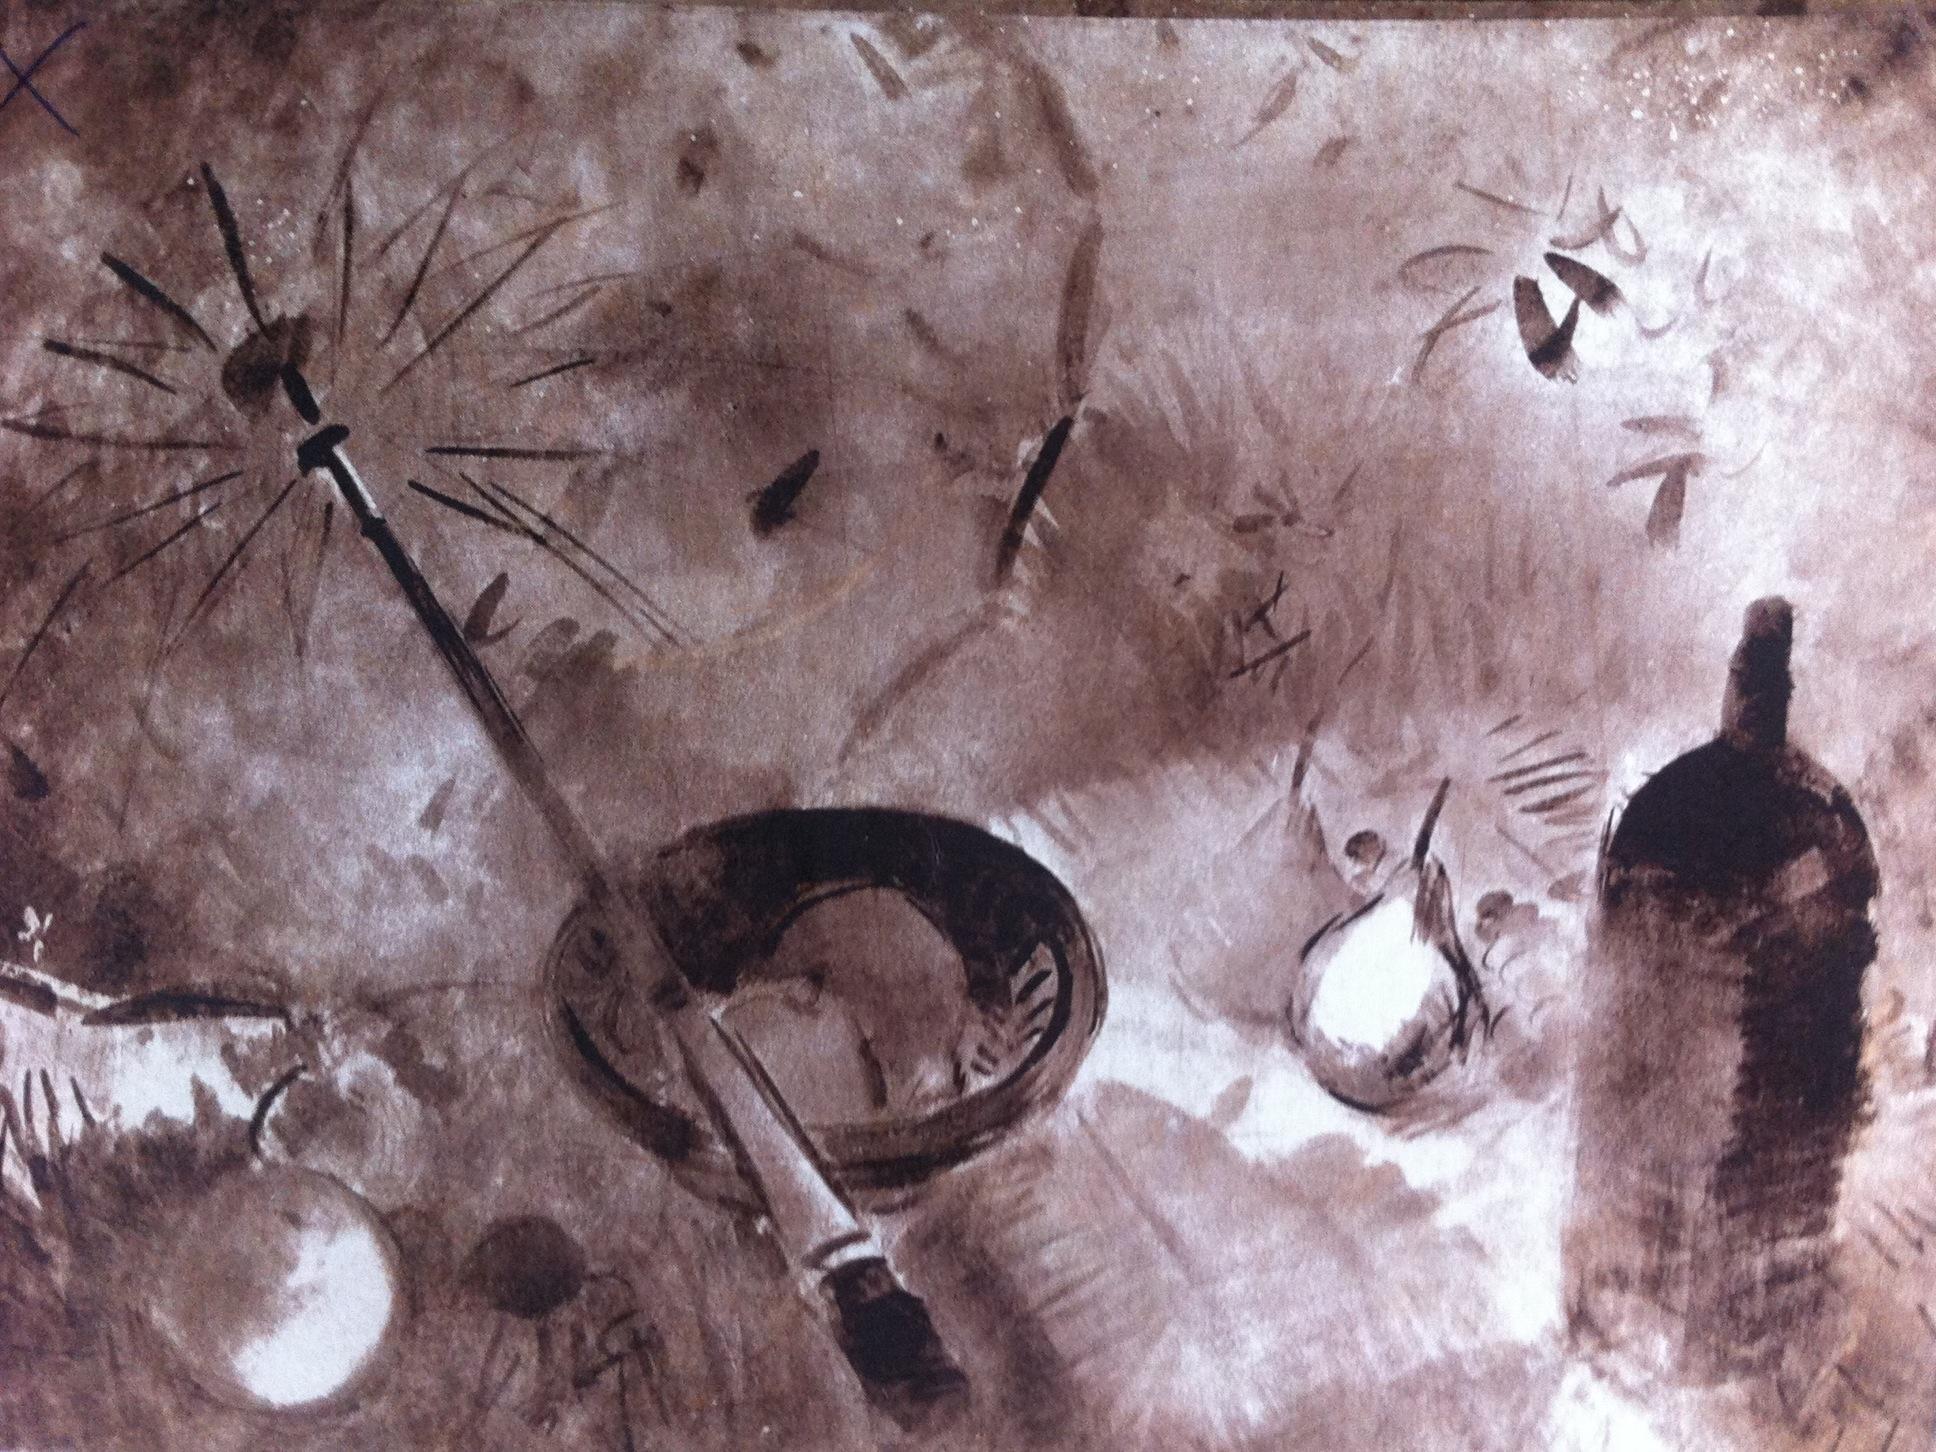 Csebi-Pogány, István: Picknick with blue parasol